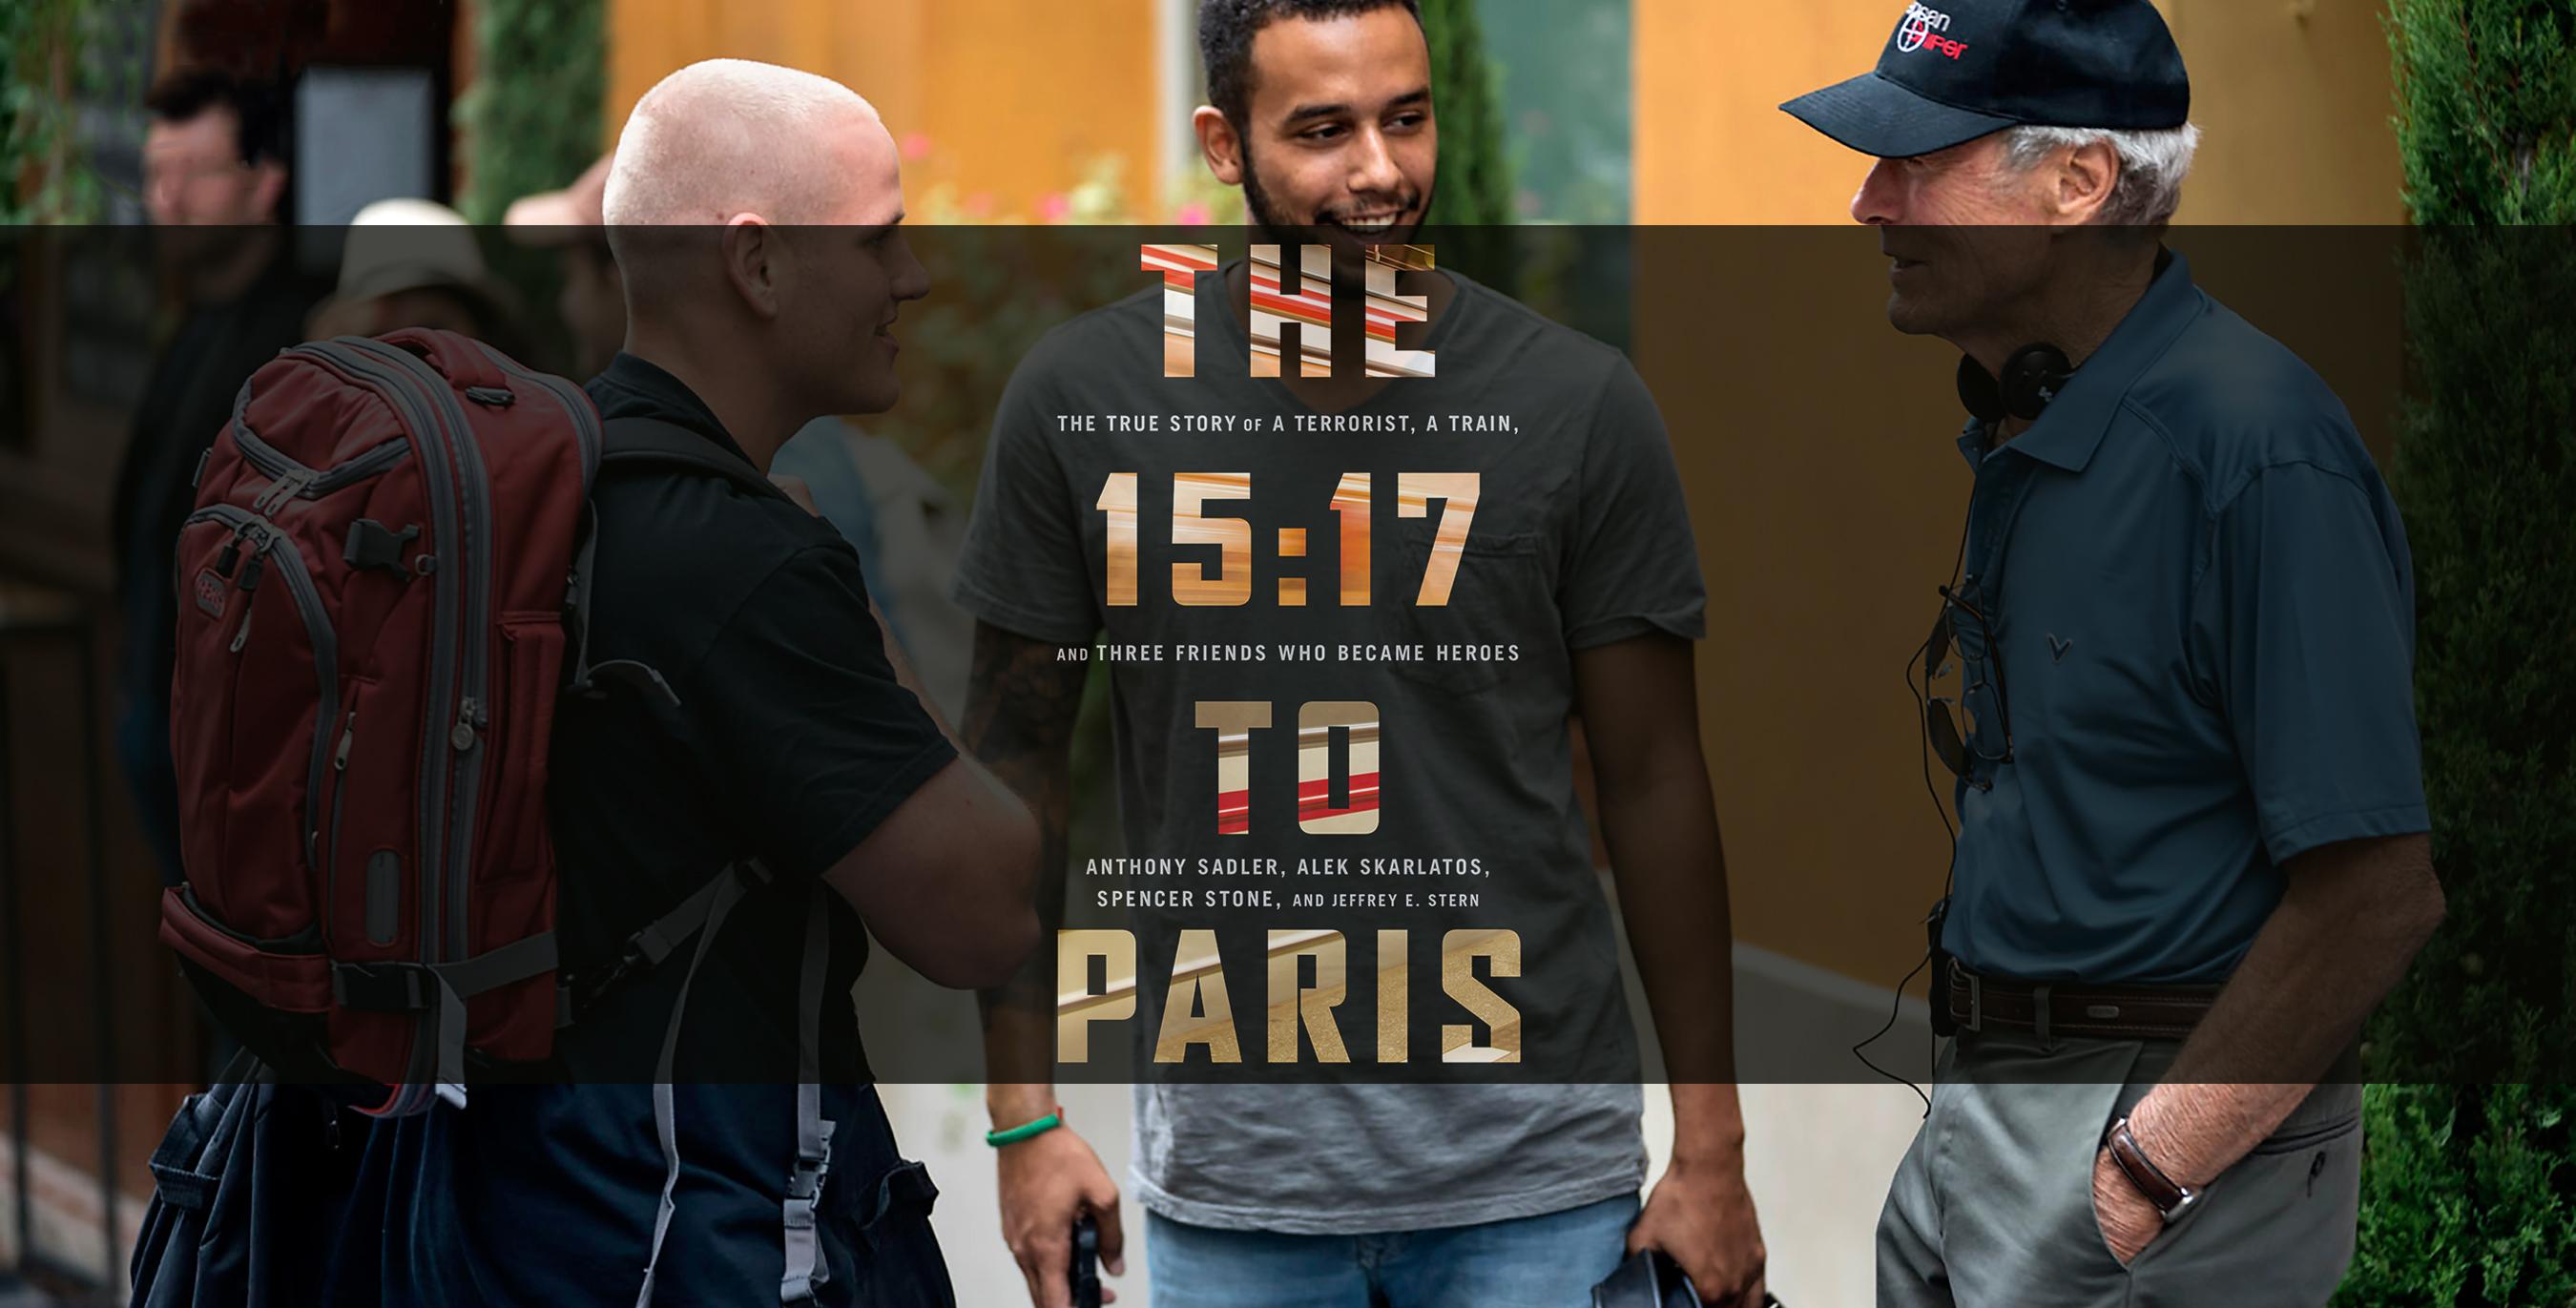 Clint Eastwood'un Yeni Filmi The 15:17 to Paris'ten İlk Fragman Yayımlandı